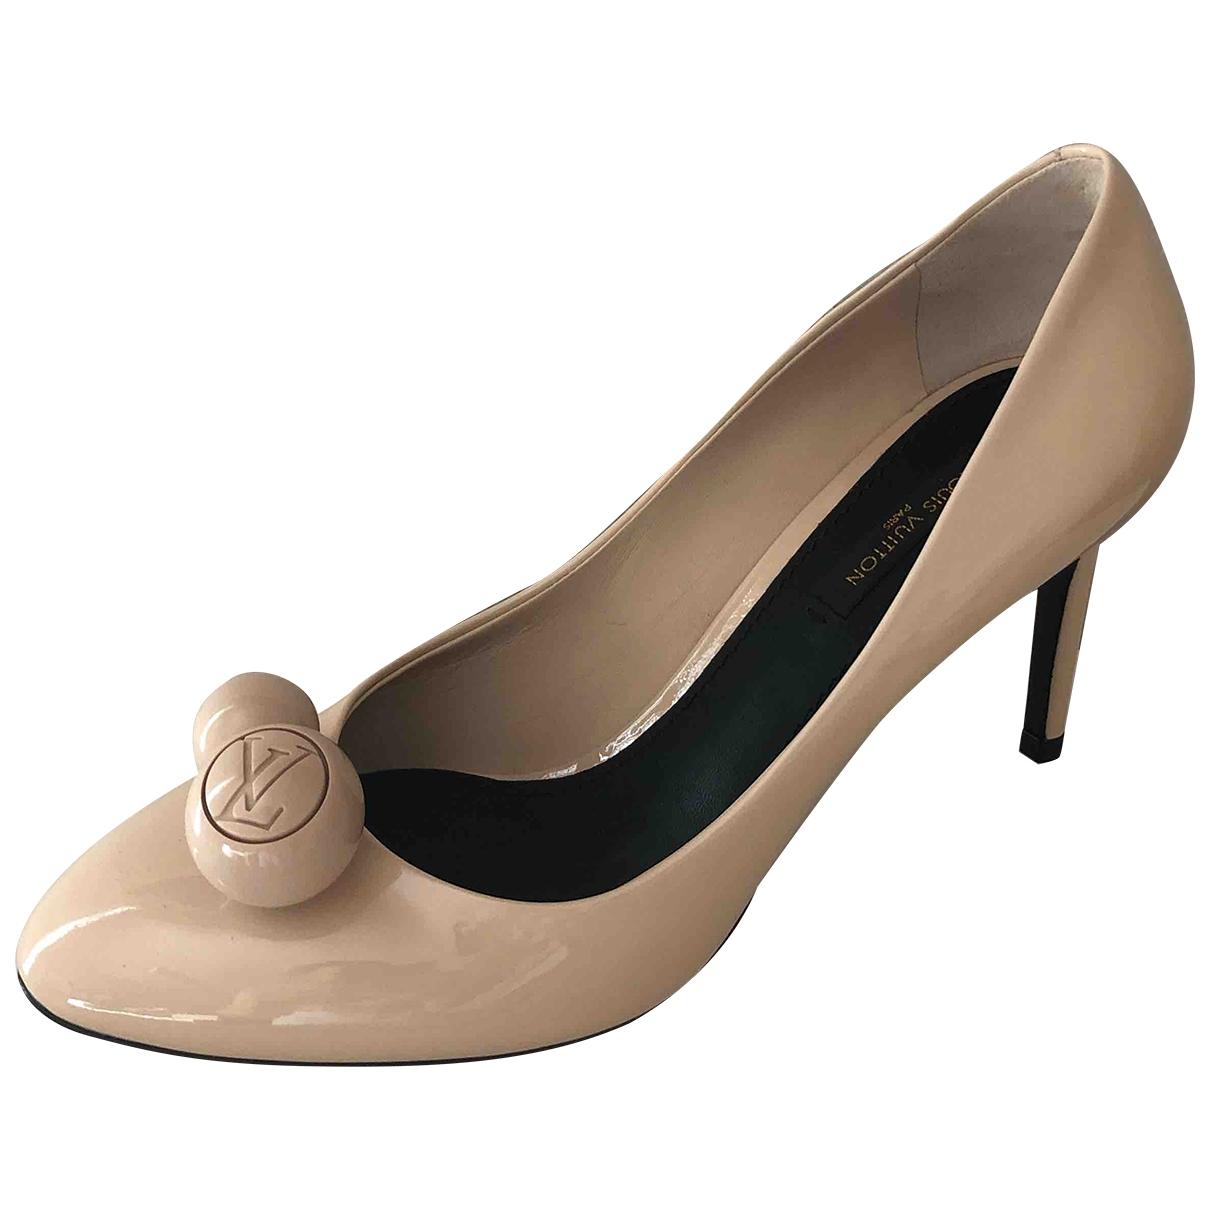 Louis Vuitton - Escarpins   pour femme en cuir verni - beige